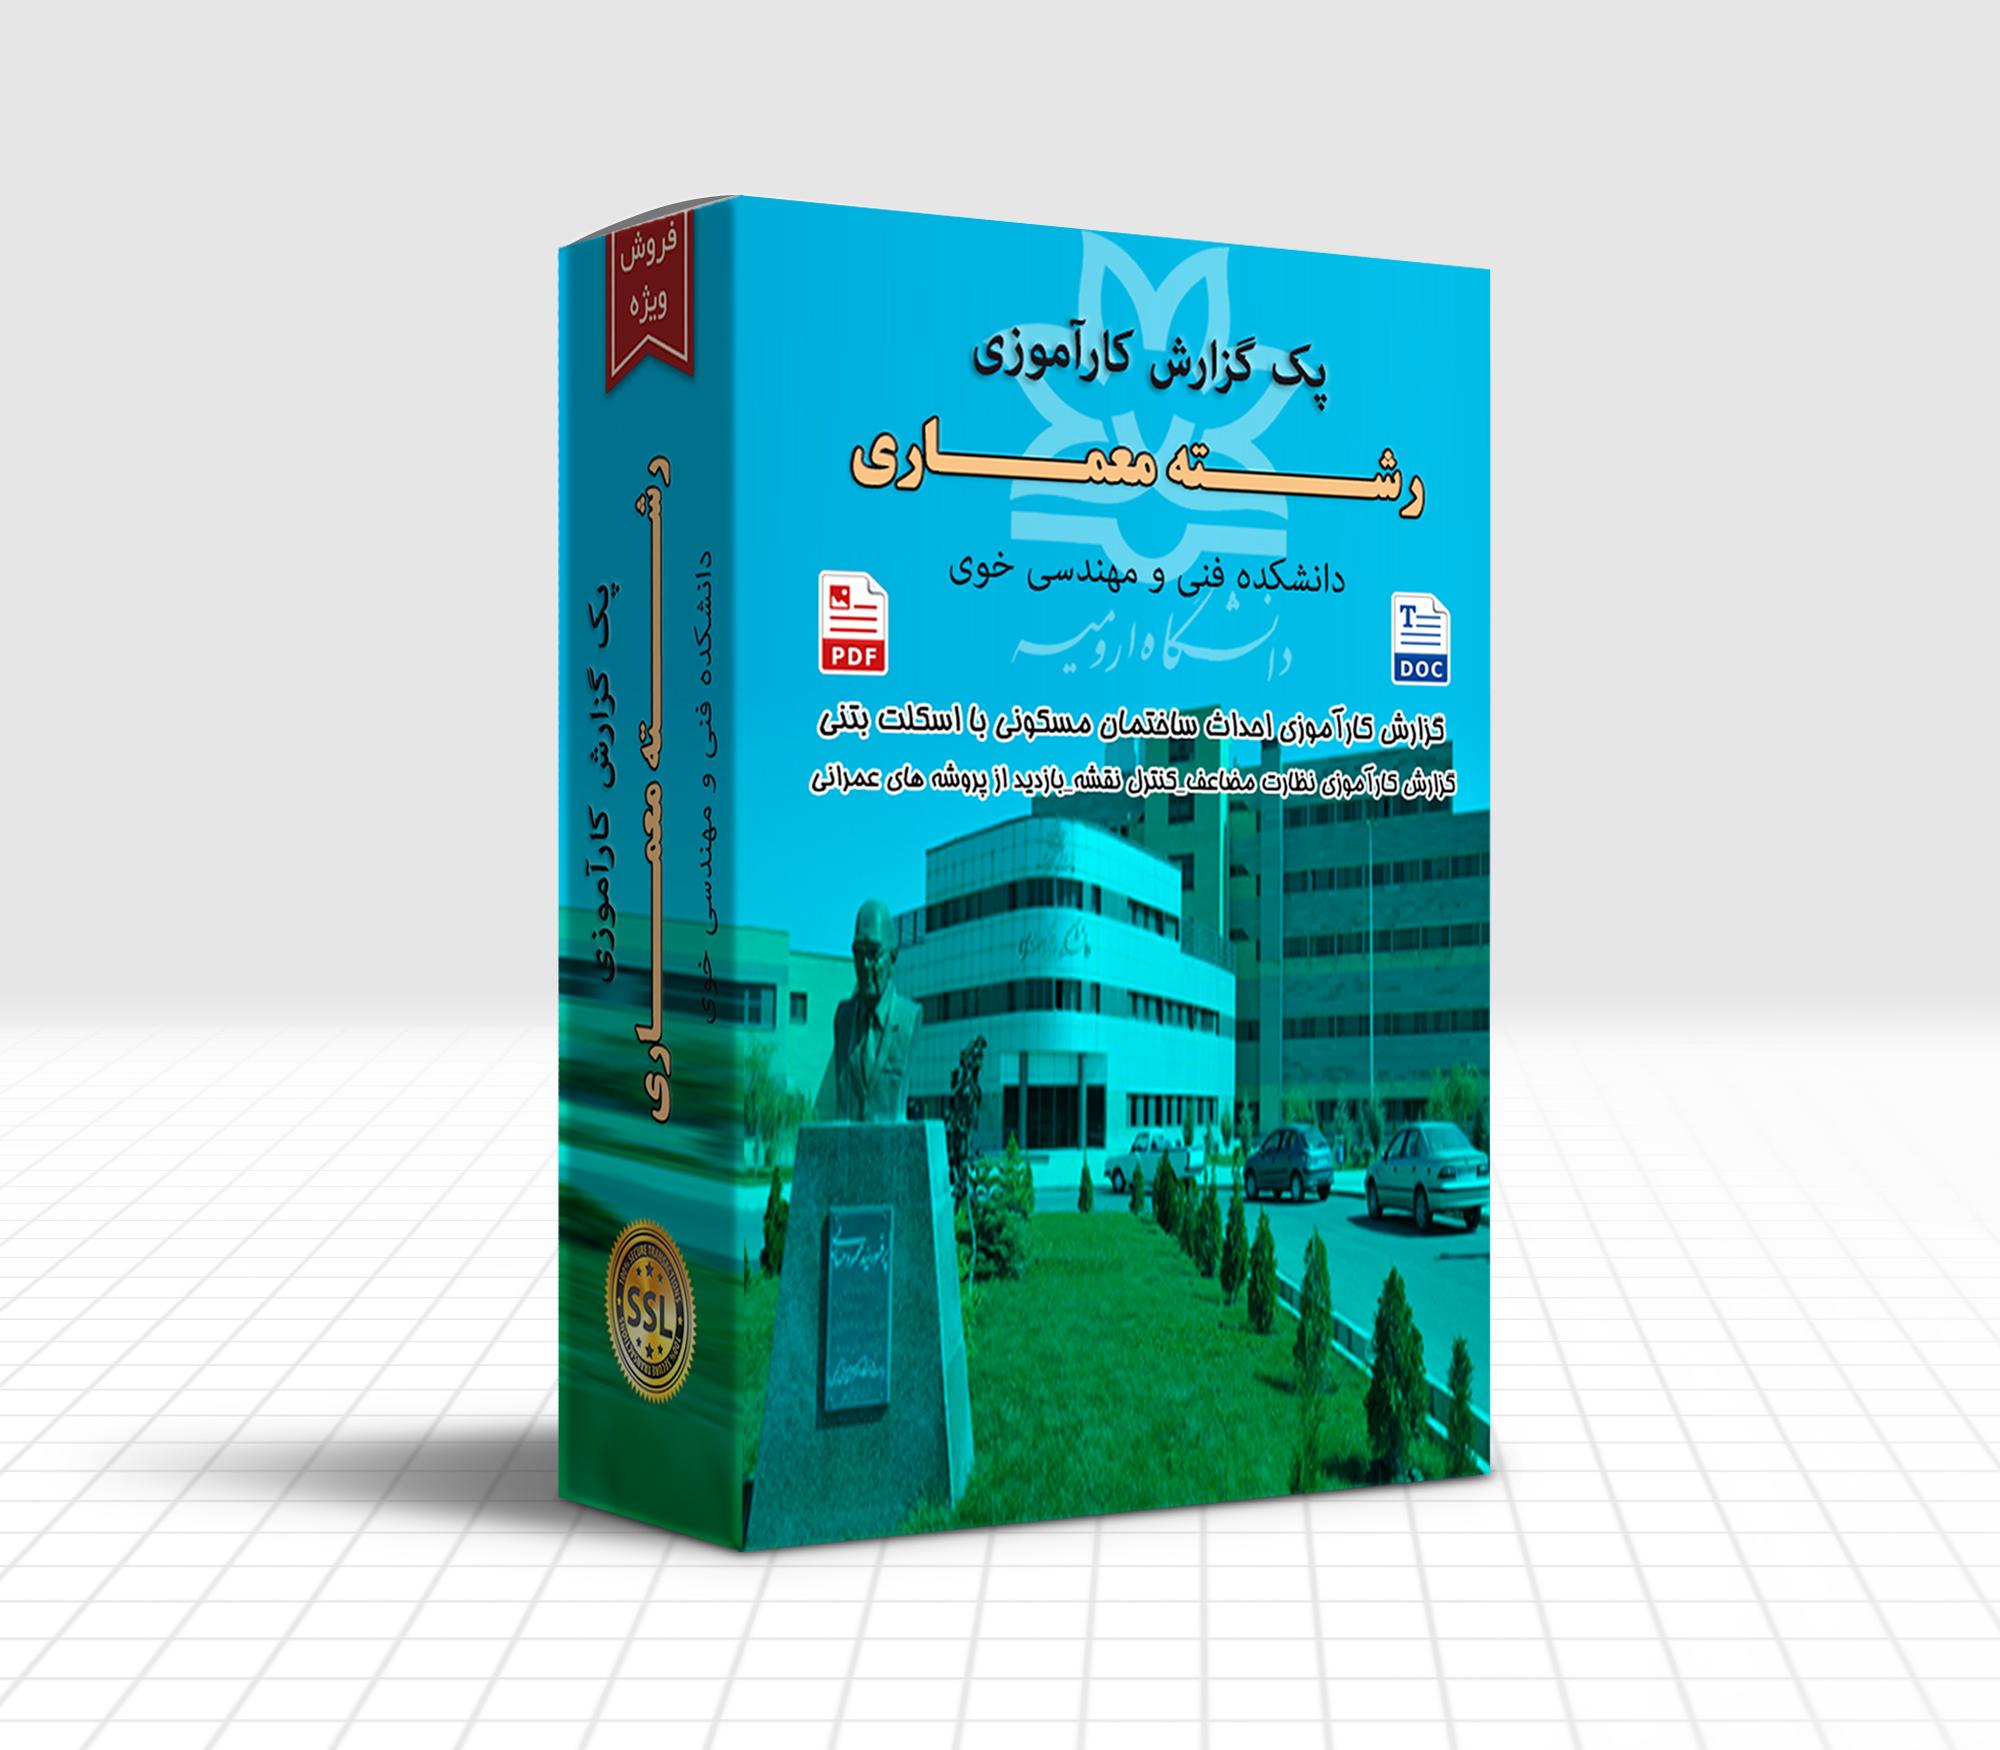 پک گزارش کارآموزی رشته معماری دانشکده فنی و مهندسی خوی دانشگاه ارومیه